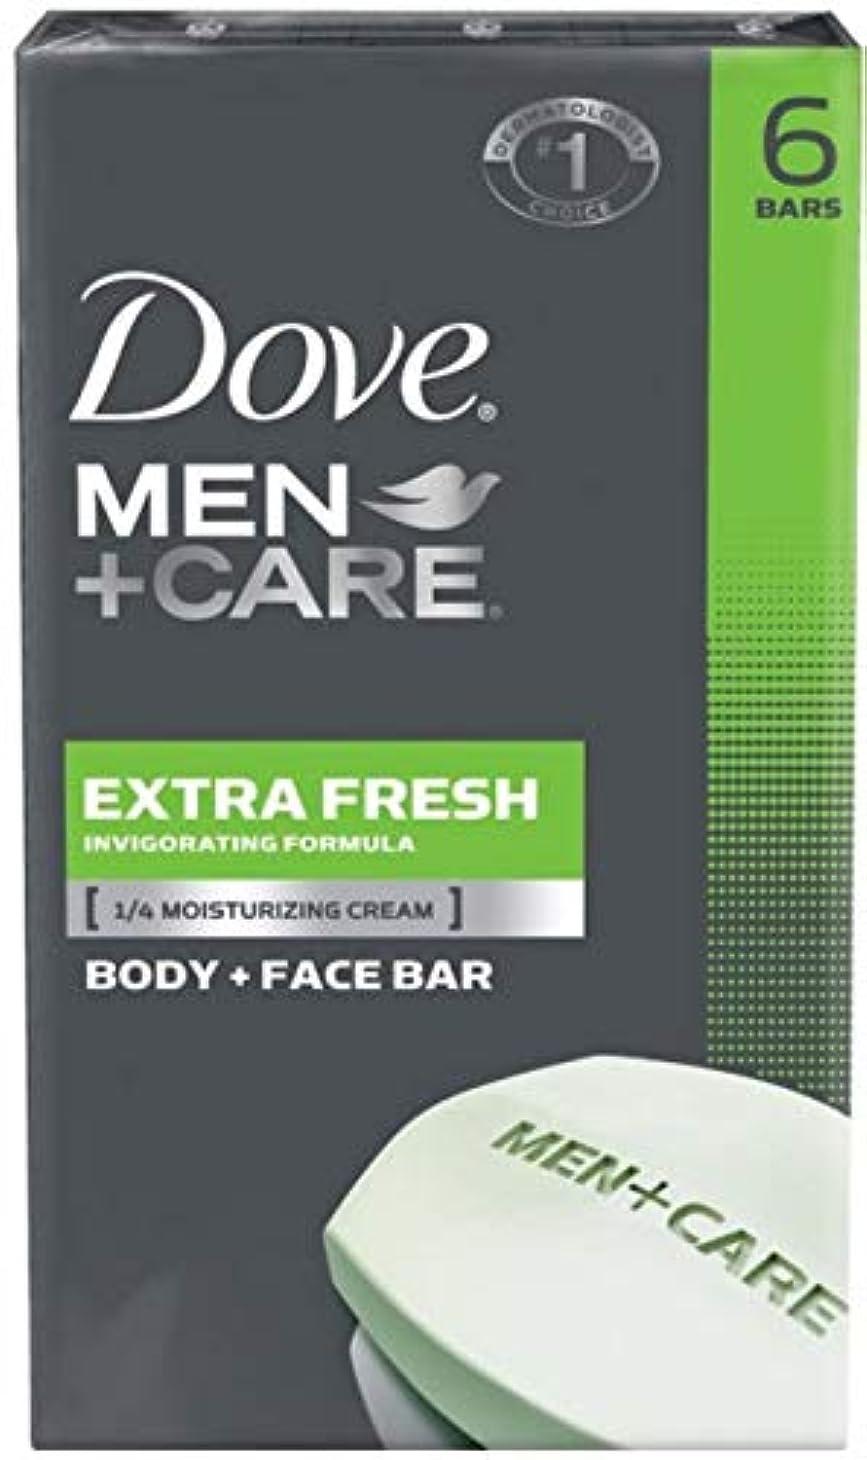 一口海港同じDove Men + Care Body and Face Bar, Extra Fresh 4oz x 6soaps ダブ メン プラスケア エクストラフレッシュ 固形石鹸 4oz x 6個パック